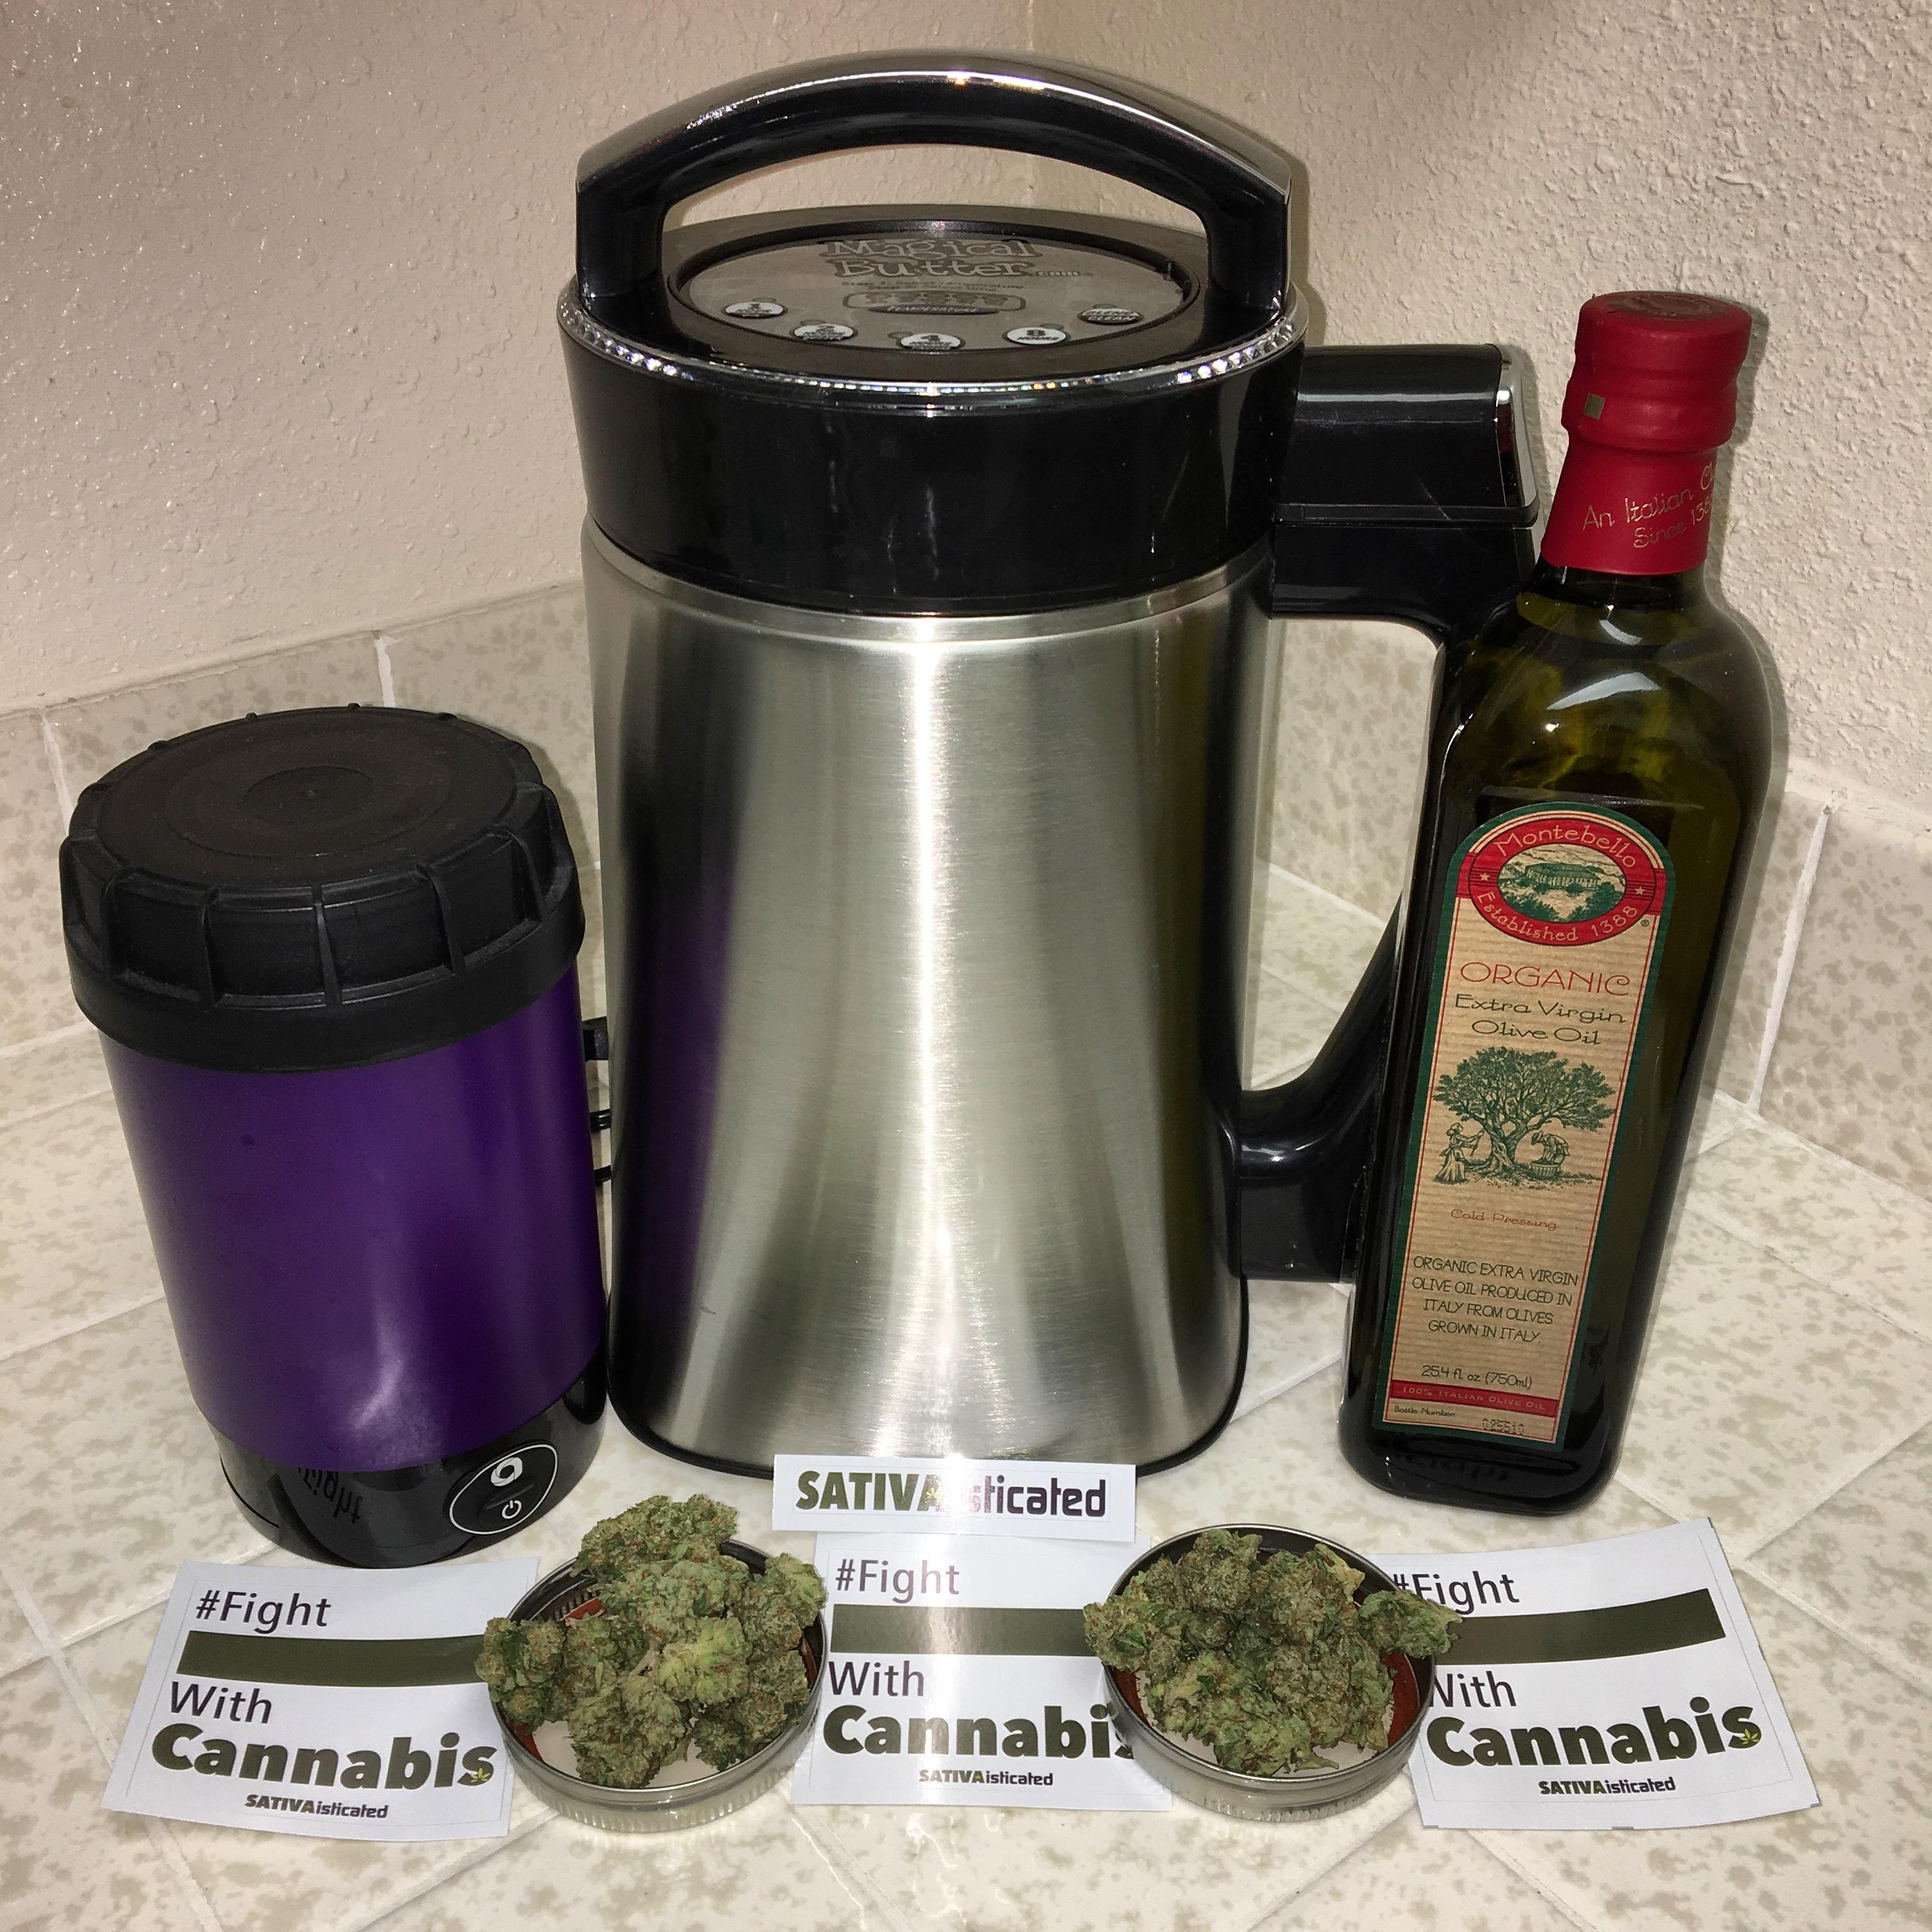 Cannabis Marijuana Infused Olive Oil Preparation Ardent